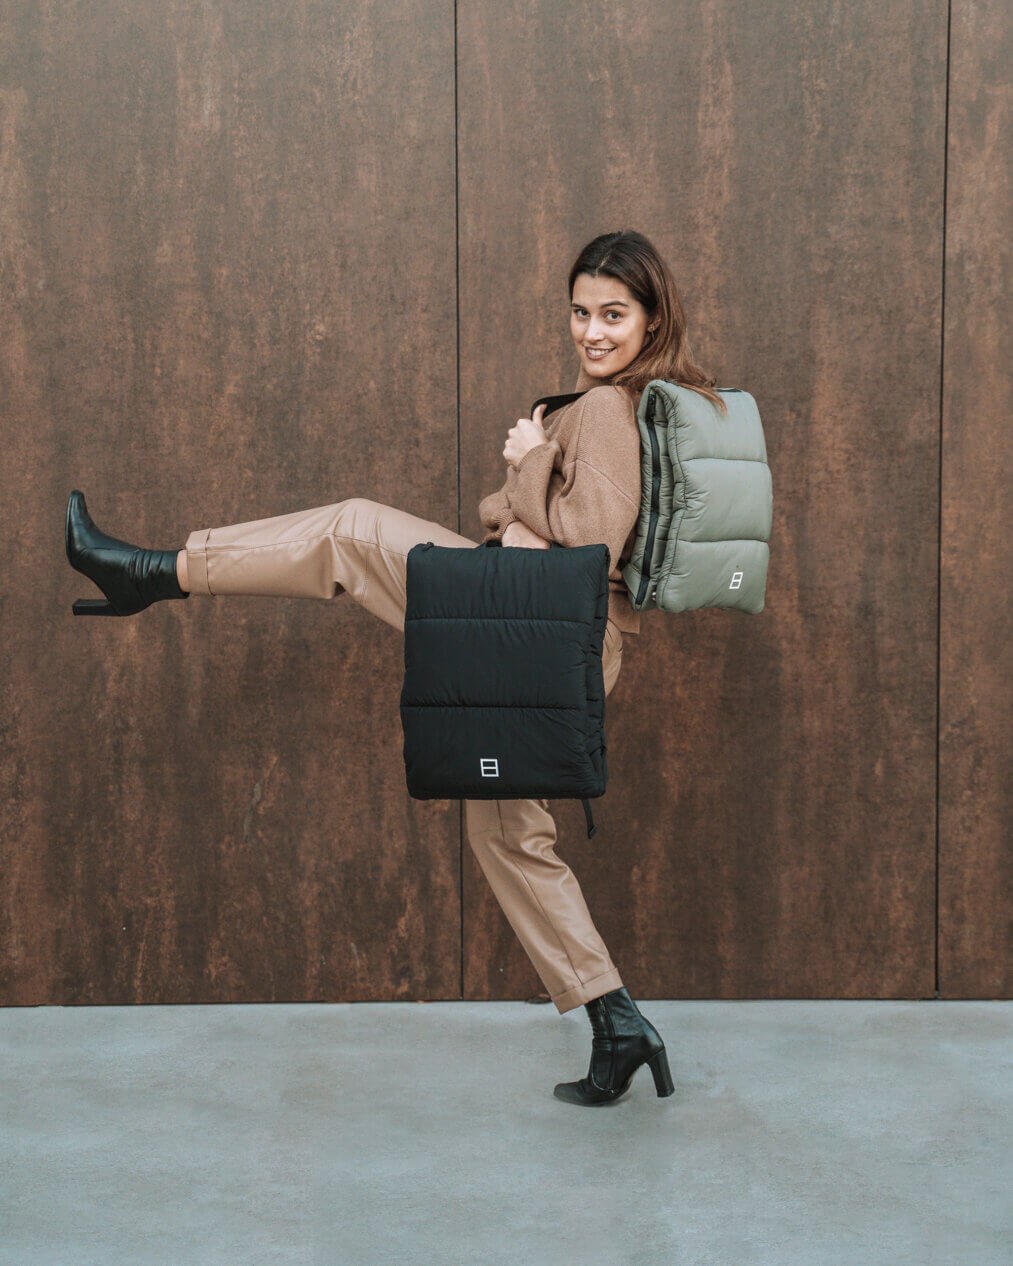 Joana em frente a uma parede a mostrar as mochilas By The Book